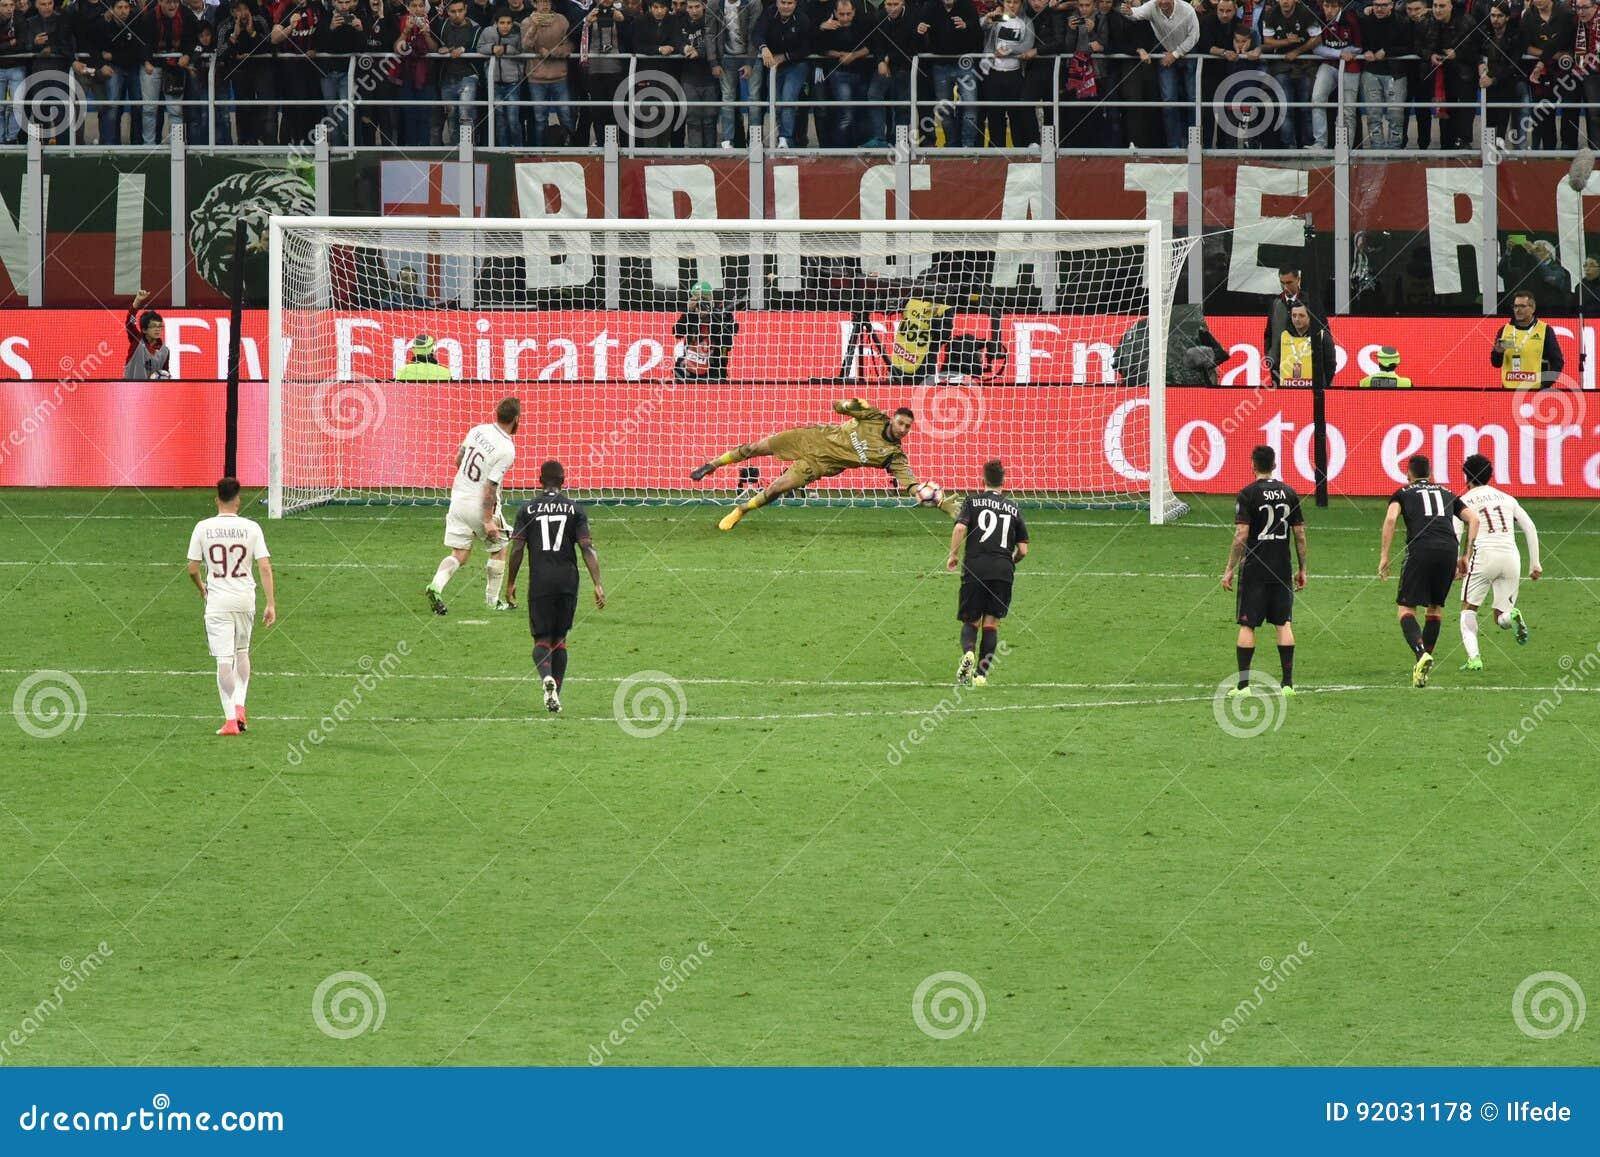 7 Mai 2017 Match De Football Italien Ac Milan Du Serie A Contre